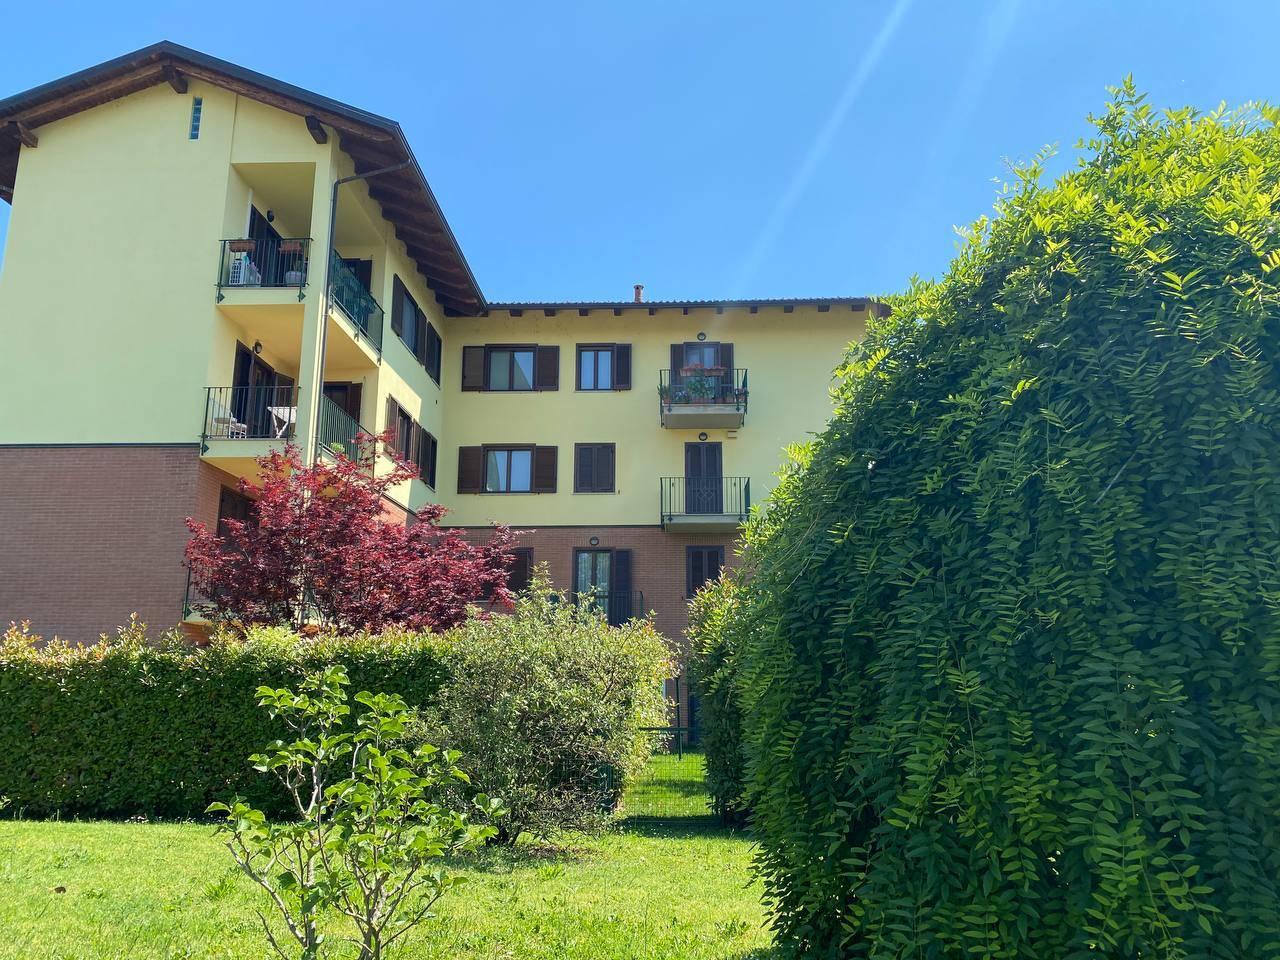 Appartamento in vendita a Ivrea, 2 locali, prezzo € 115.000 | PortaleAgenzieImmobiliari.it